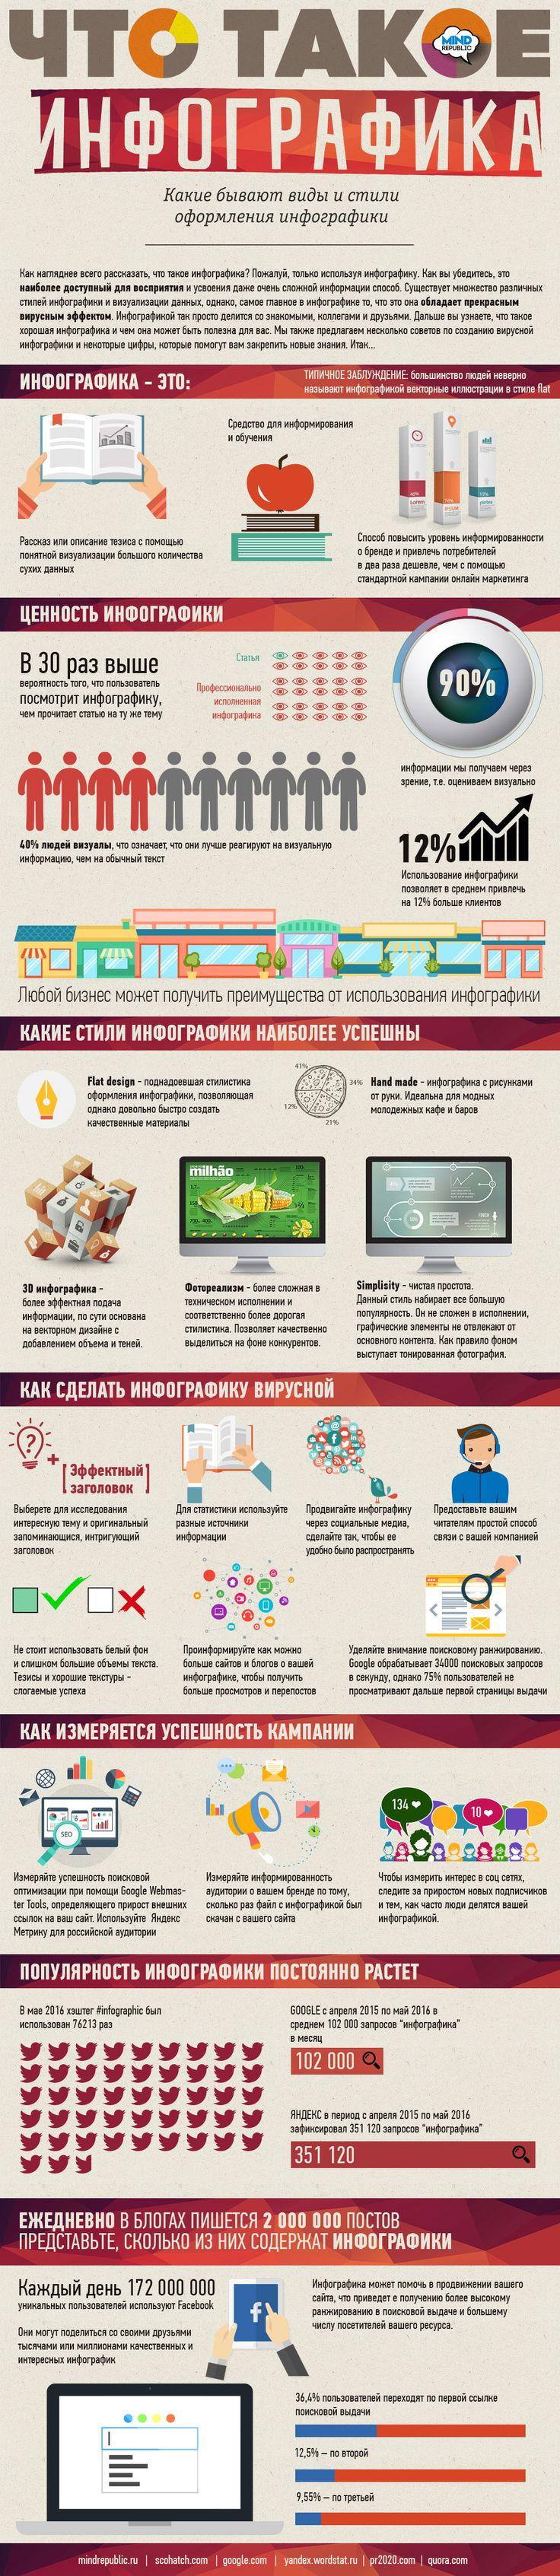 что такое #инфографика. Инфографика для бизнеса. Ценности и стили инфографики. #Тренды в инфографике #2017. #Infographics